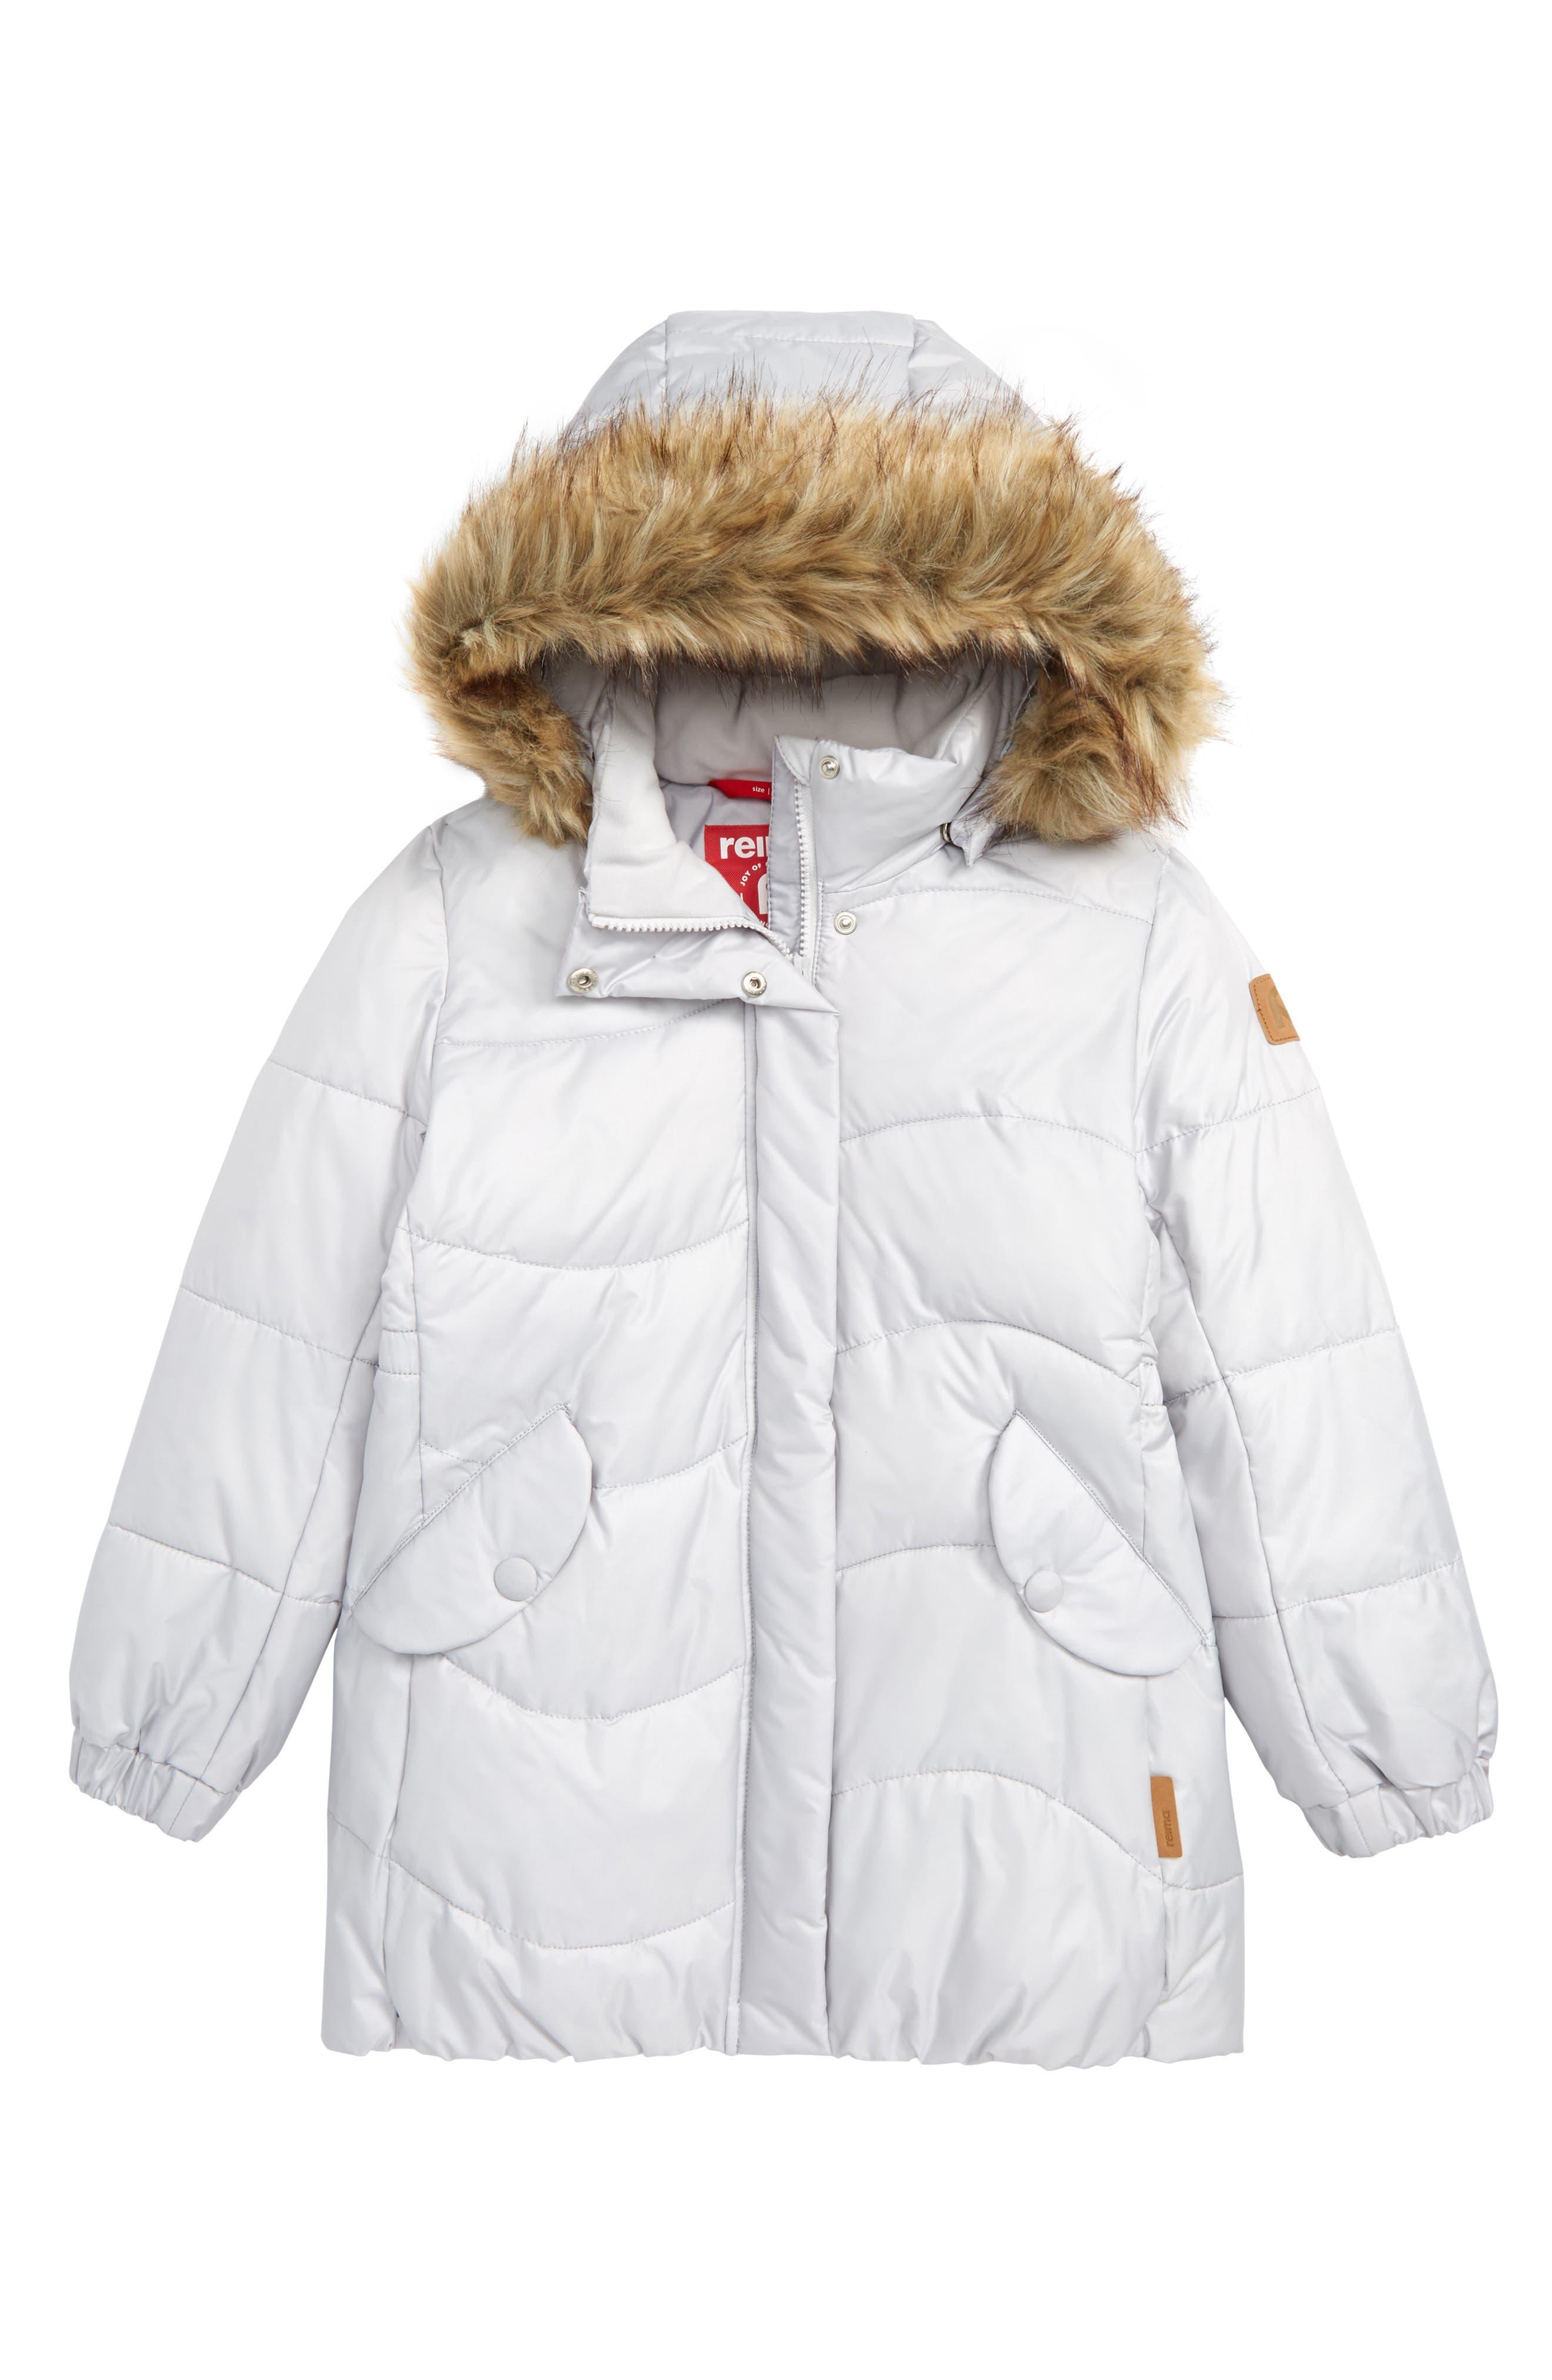 Sula Waterproof Winter Jacket,                             Main thumbnail 1, color,                             100